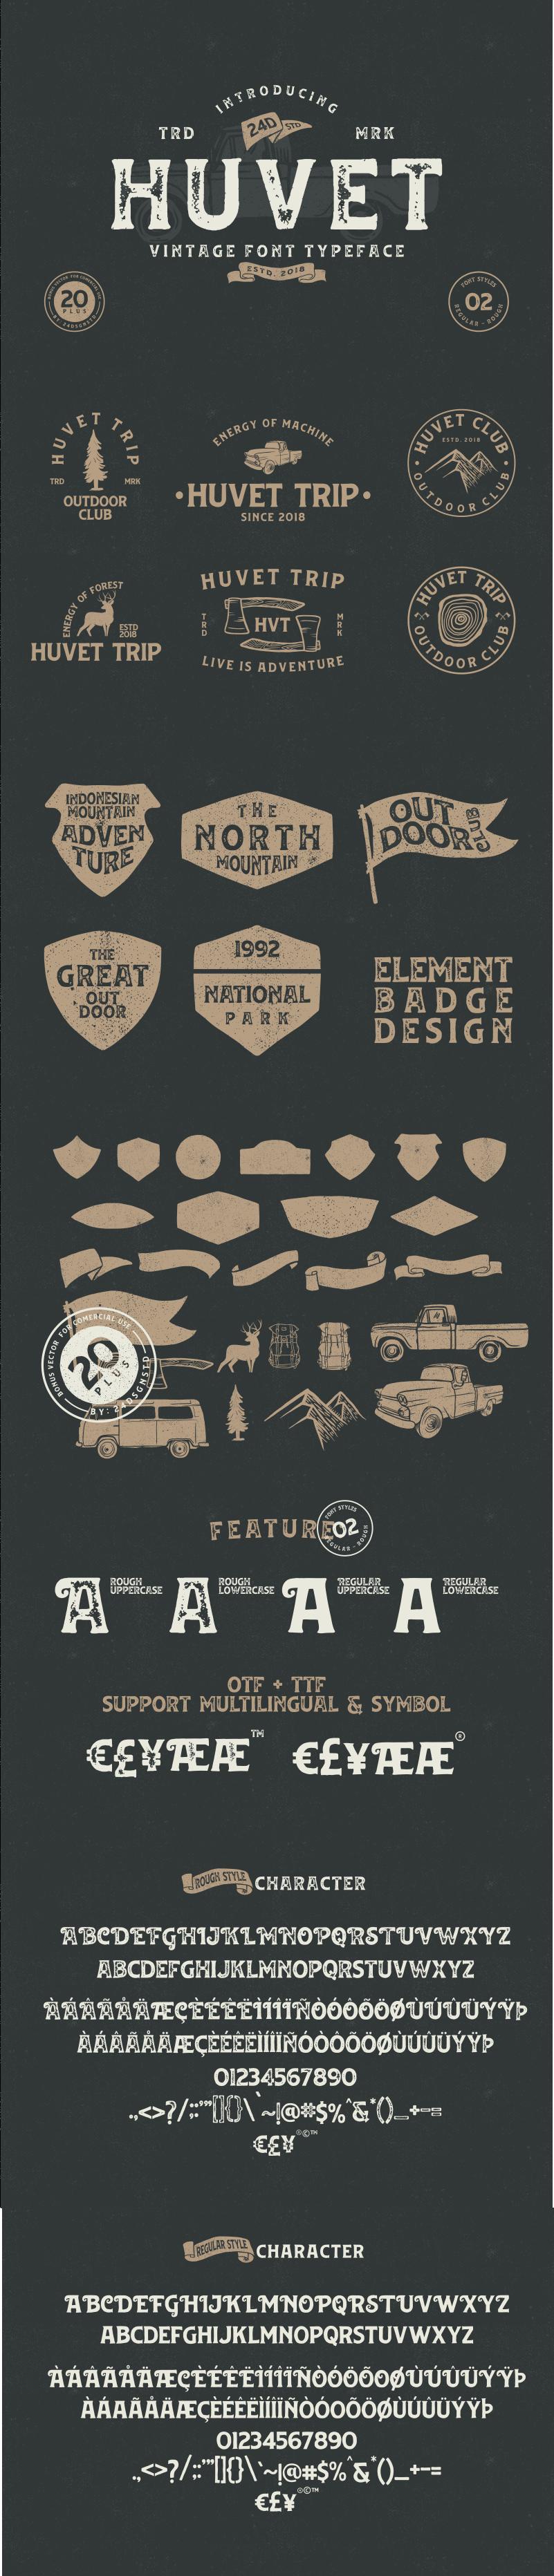 Free huvet vintage font on behance